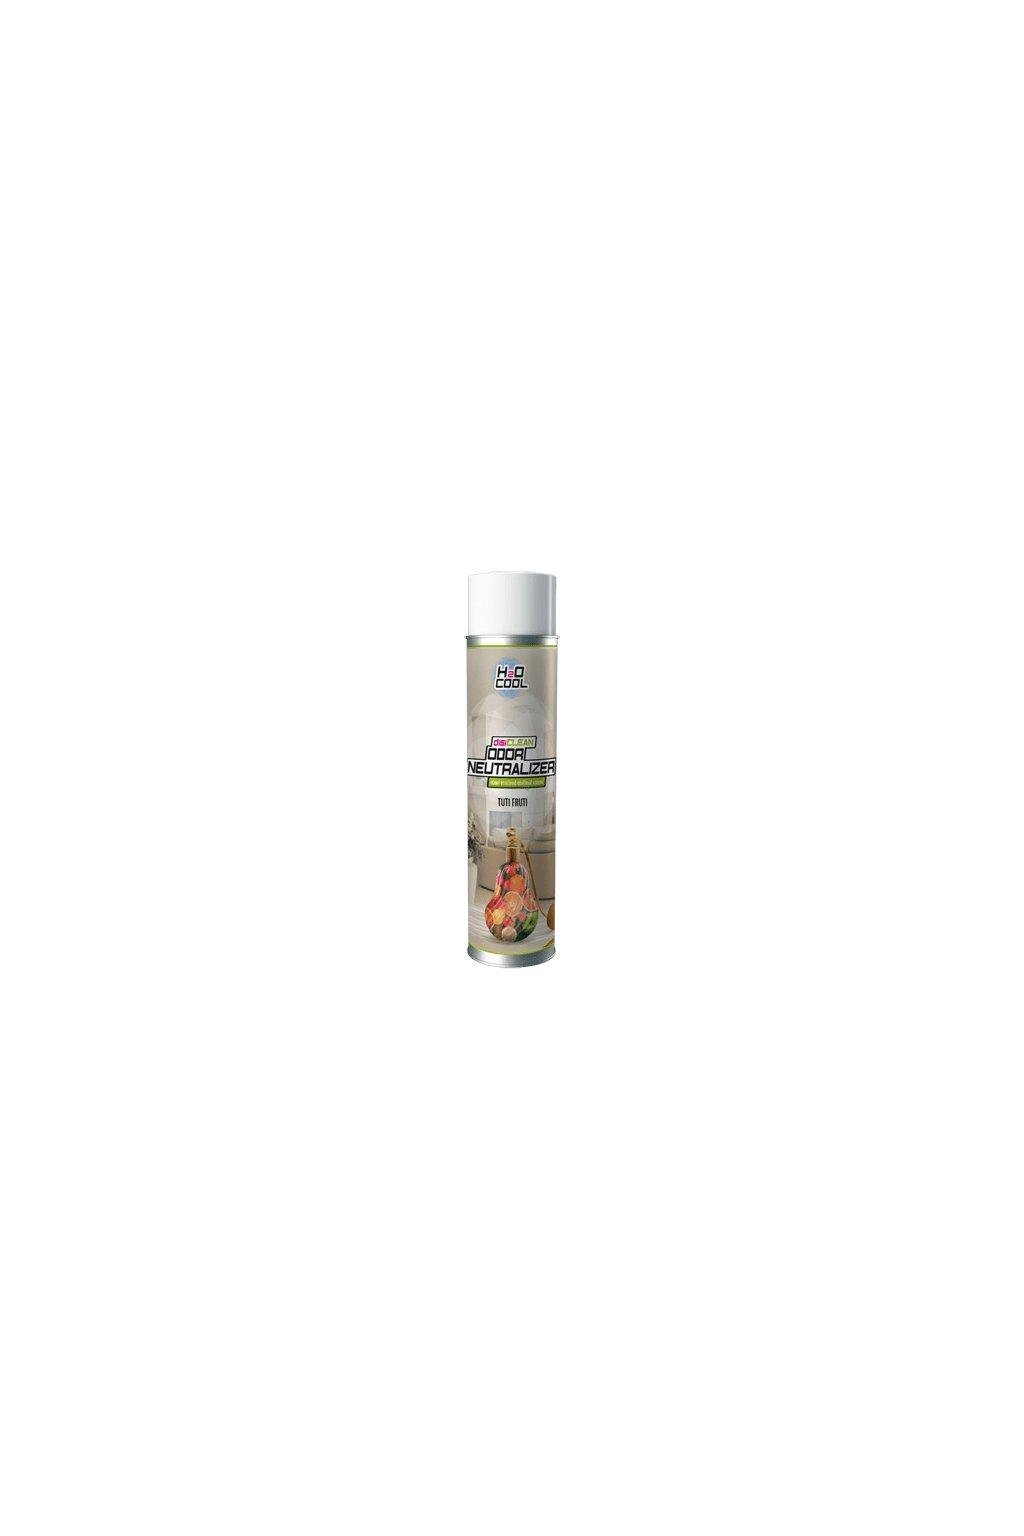 38 odor neutralizer